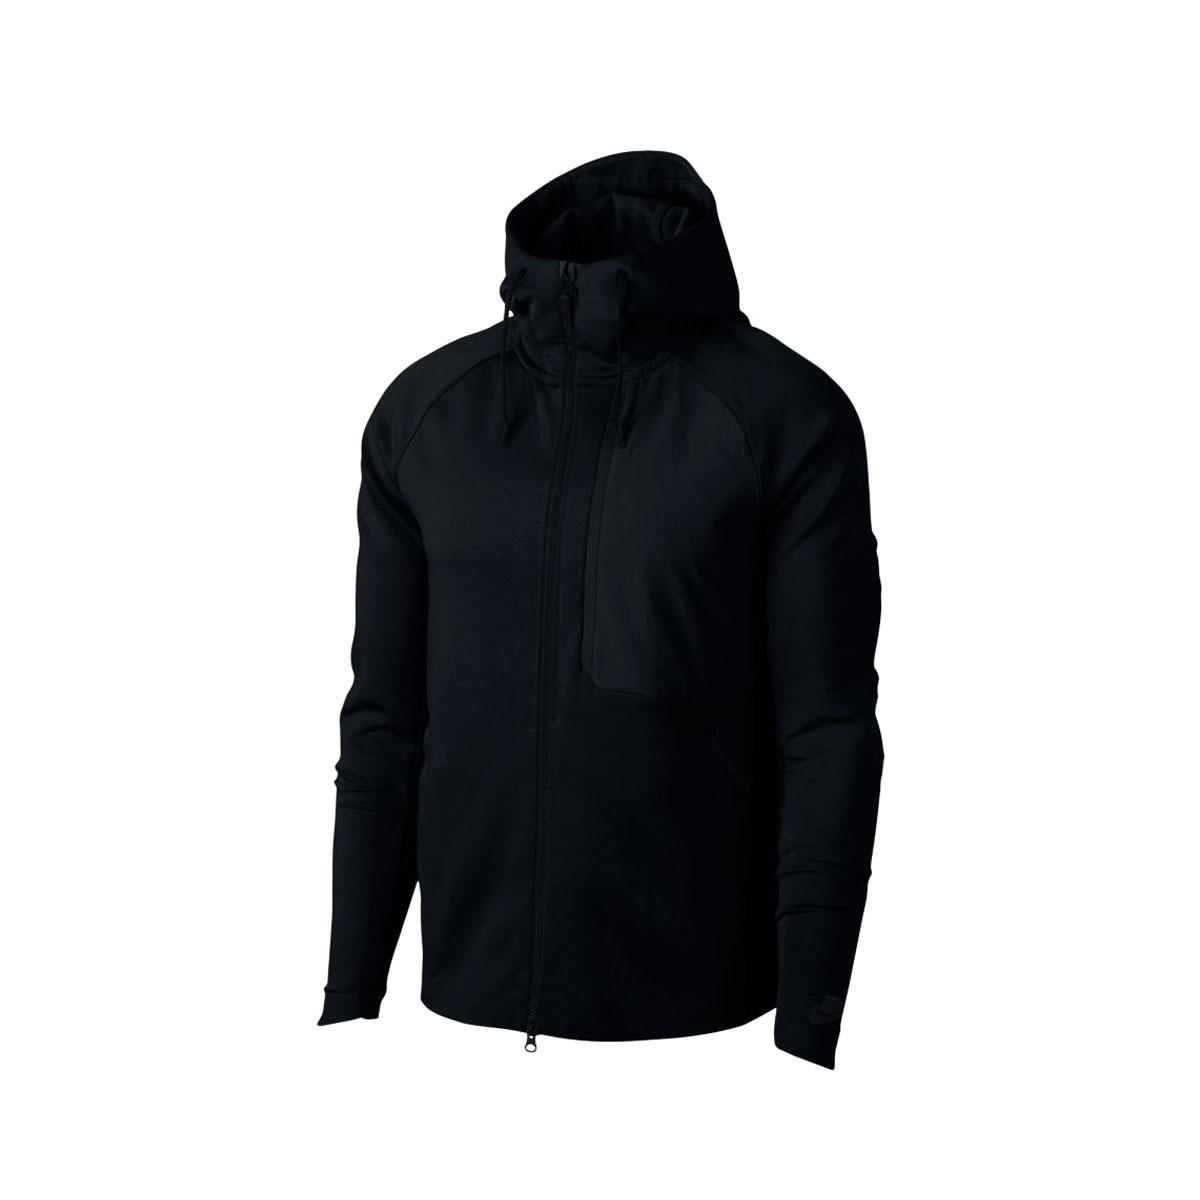 NIKE AS M NSW TCH FLC JKT HD SSNL(ナイキ テック フリース シーズナル フーディ ジャケット 2.0)BLACK/BLACK【メンズ ジャケット】18SP-I